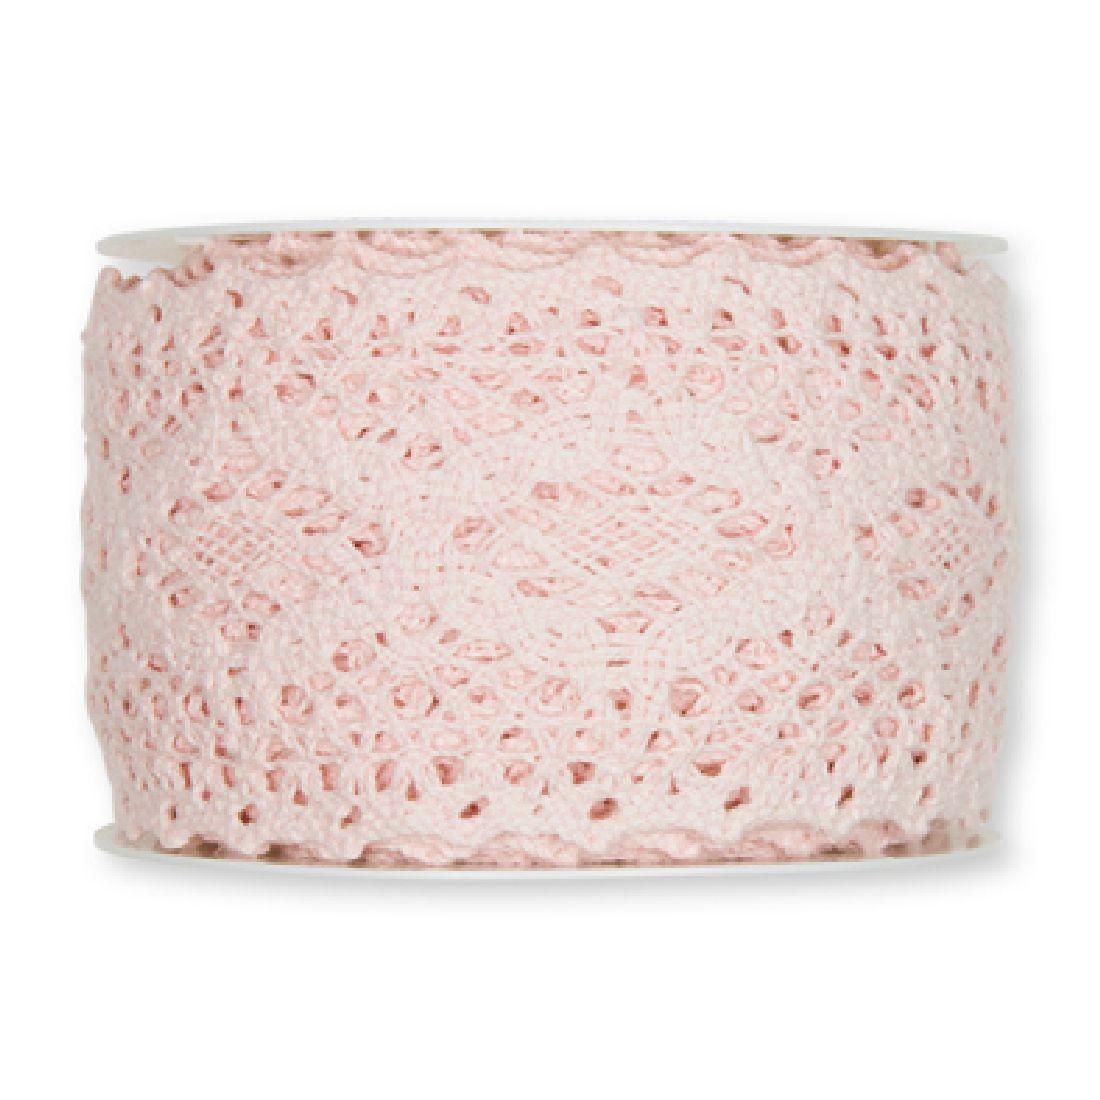 Häkelspitze rosa/blassrosa23 aus Baumwolle Breite: 60 mm 2196